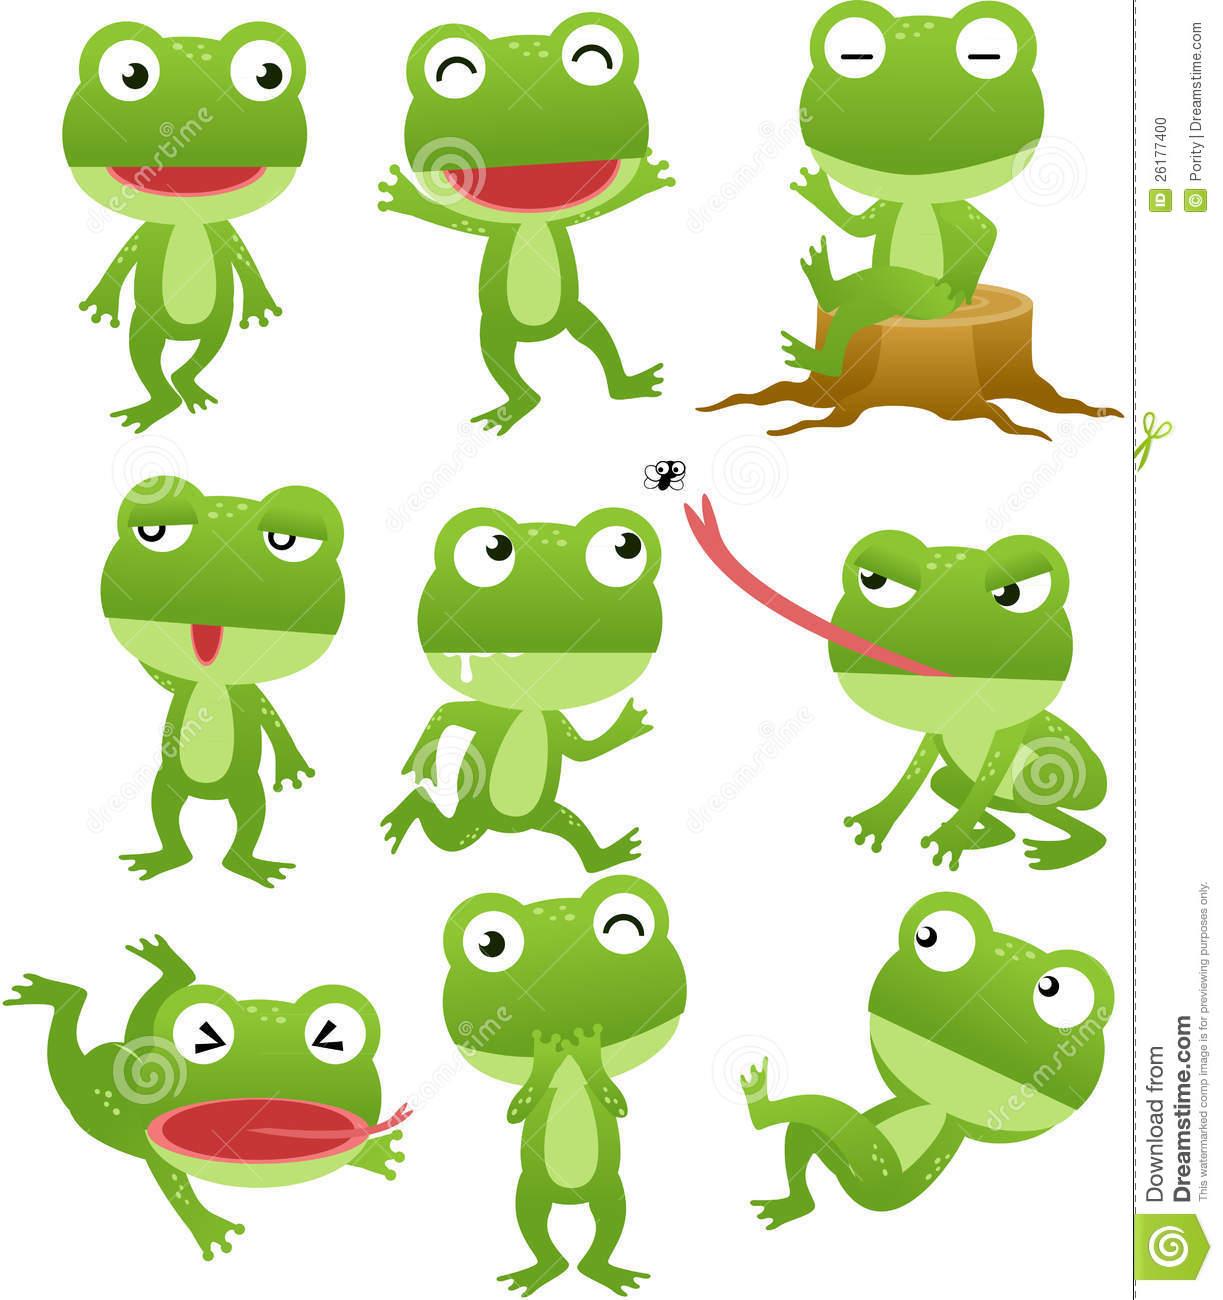 Animated frog wallpaper wallpapersafari - Frog cartoon wallpaper ...